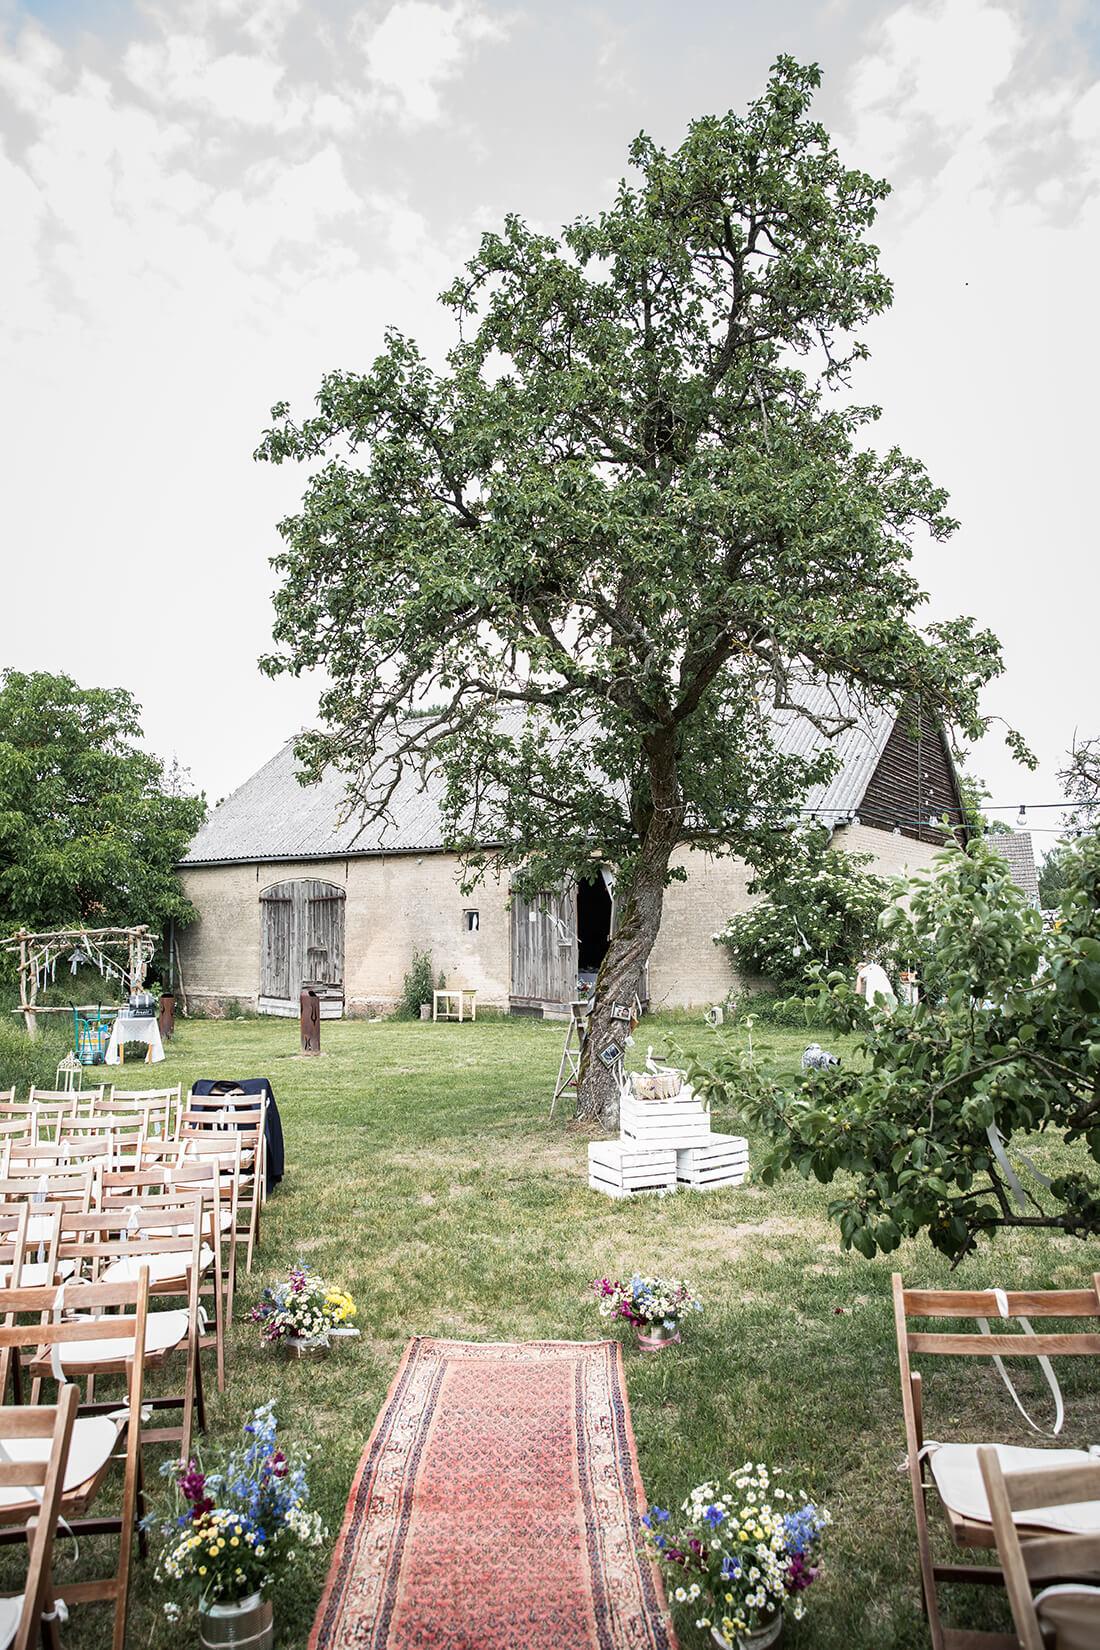 Bohemian Hochzeitslocation Schmetterlingsgarten © Miriam Ellerbrake 2018